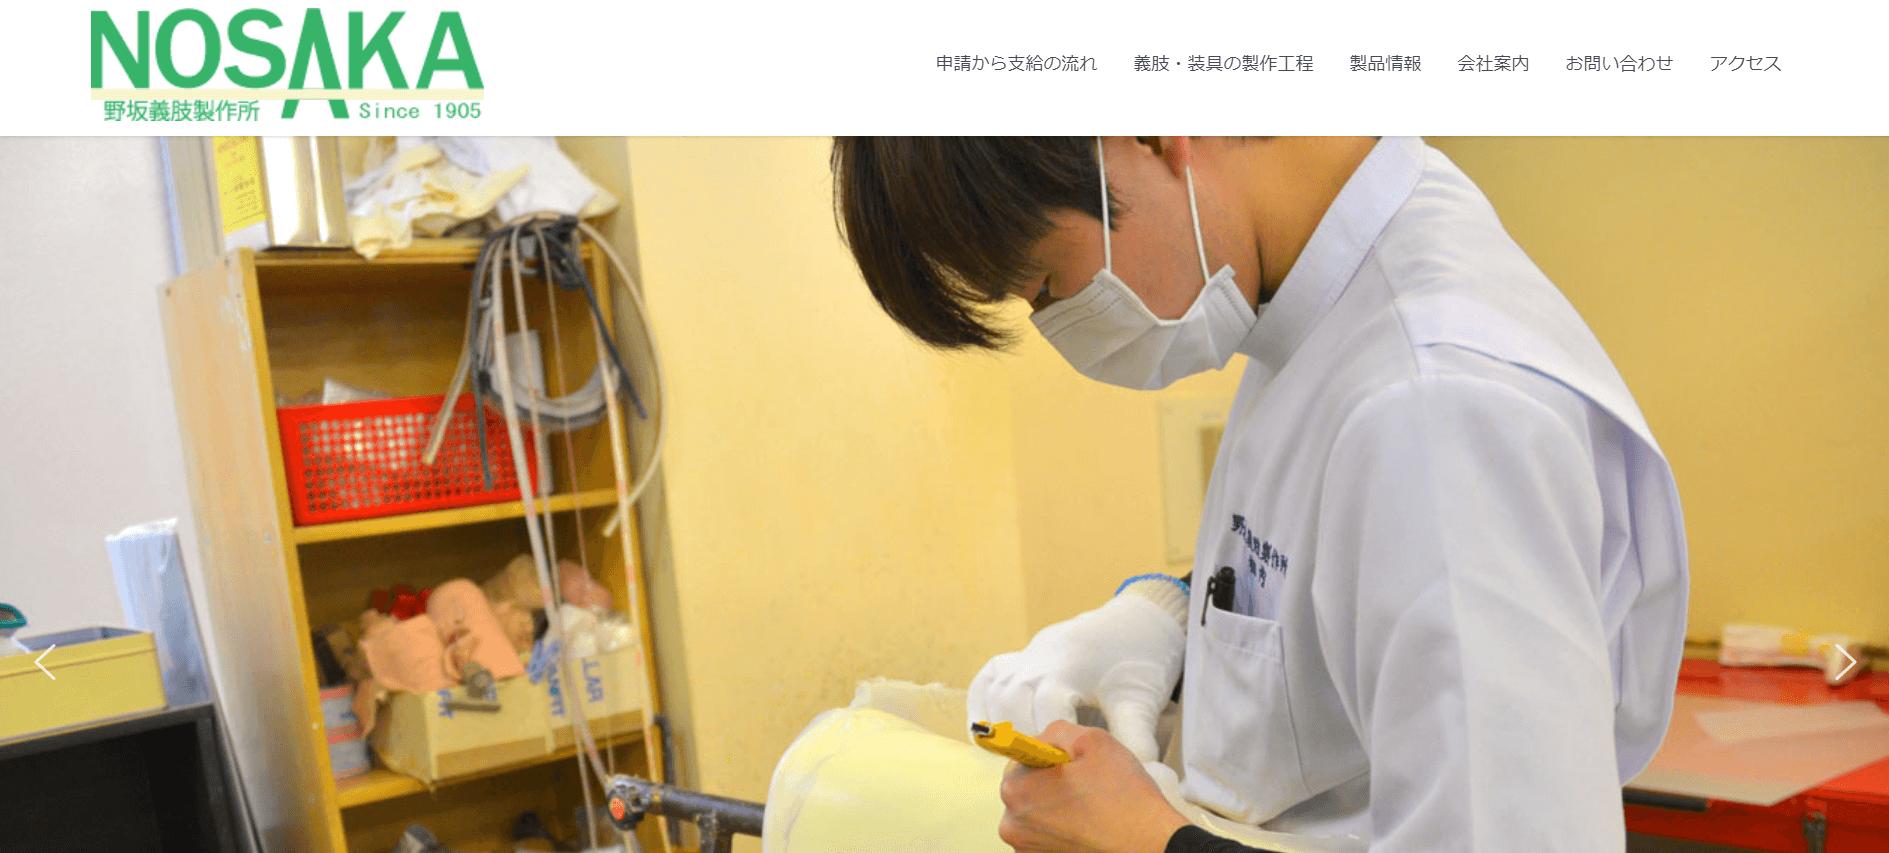 野坂義肢製作所